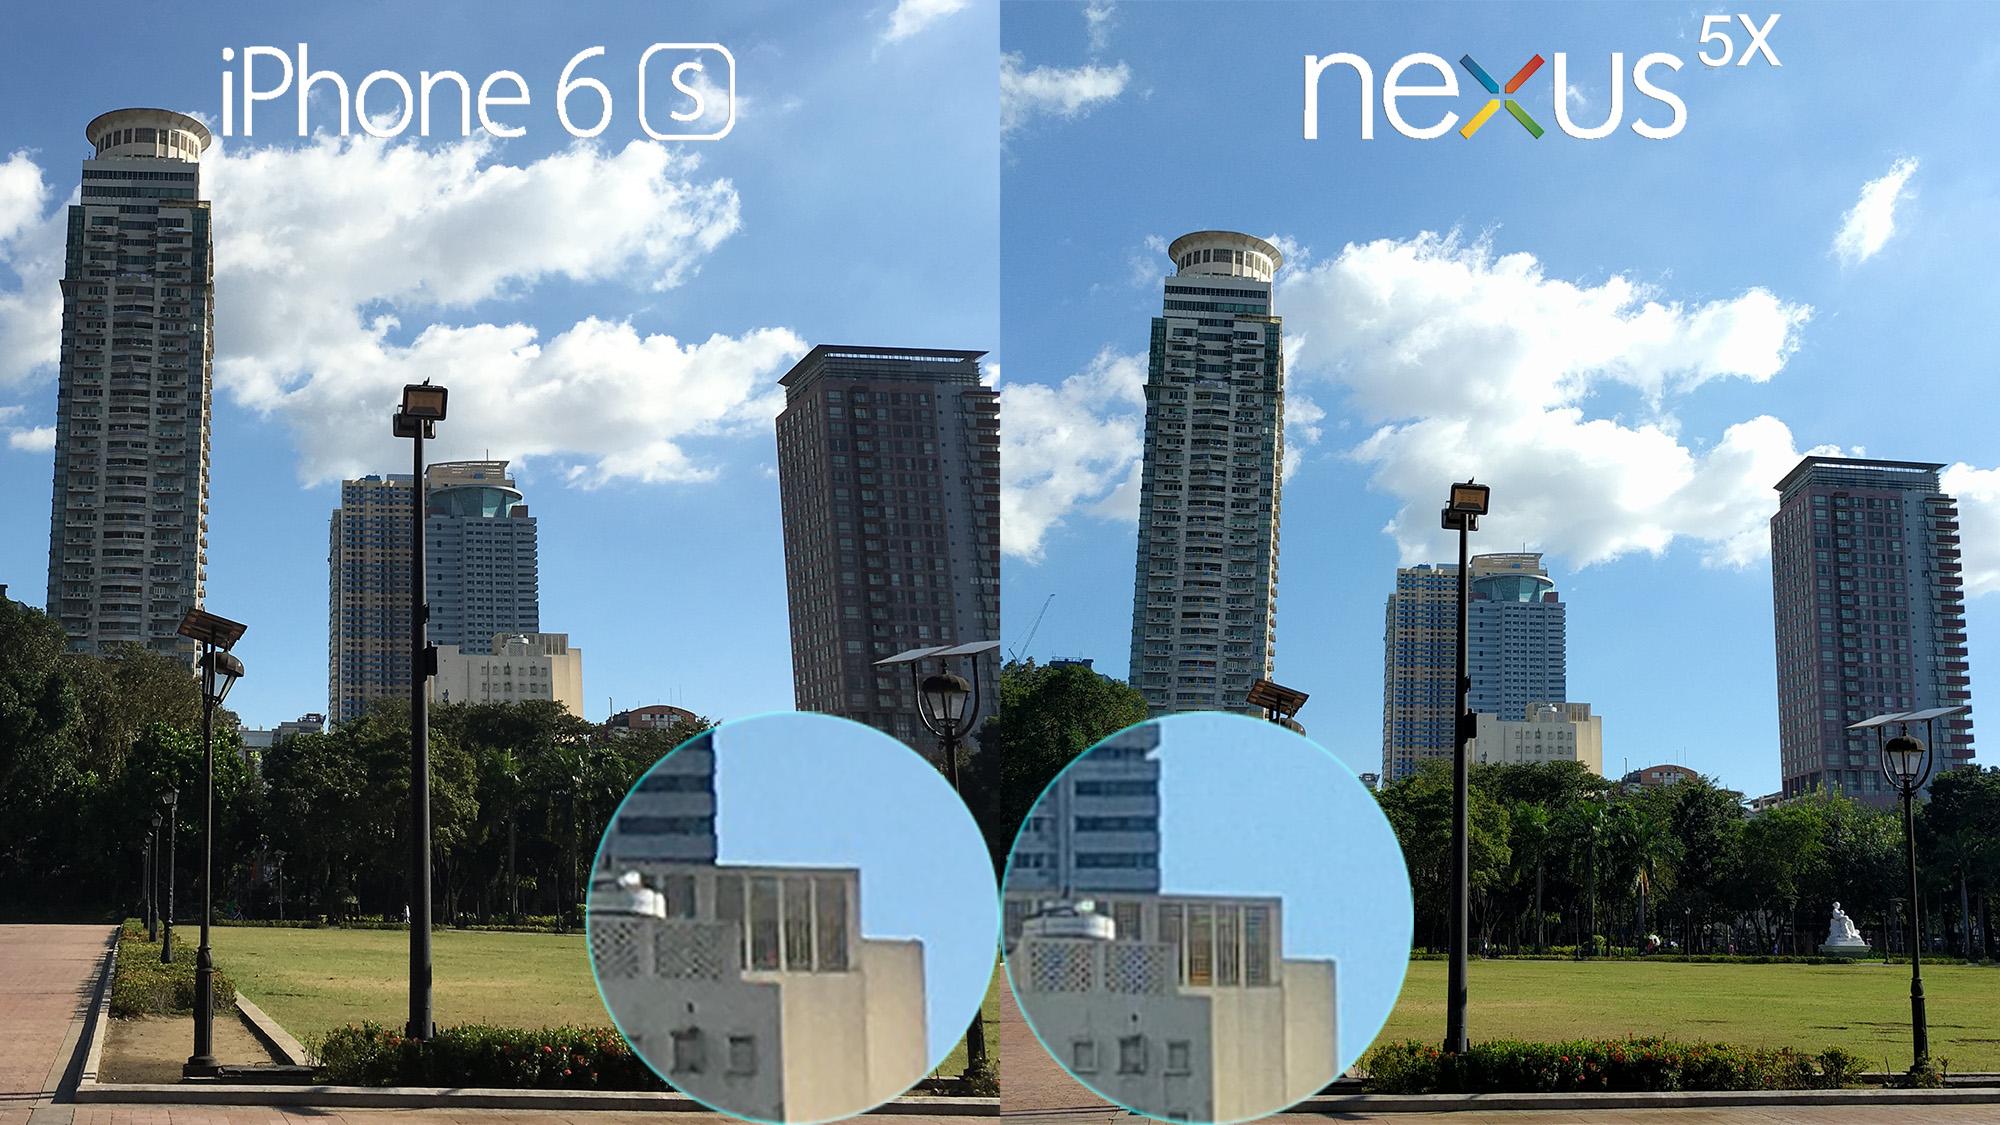 iphone 6s vs nexus 5x camera review  parison10